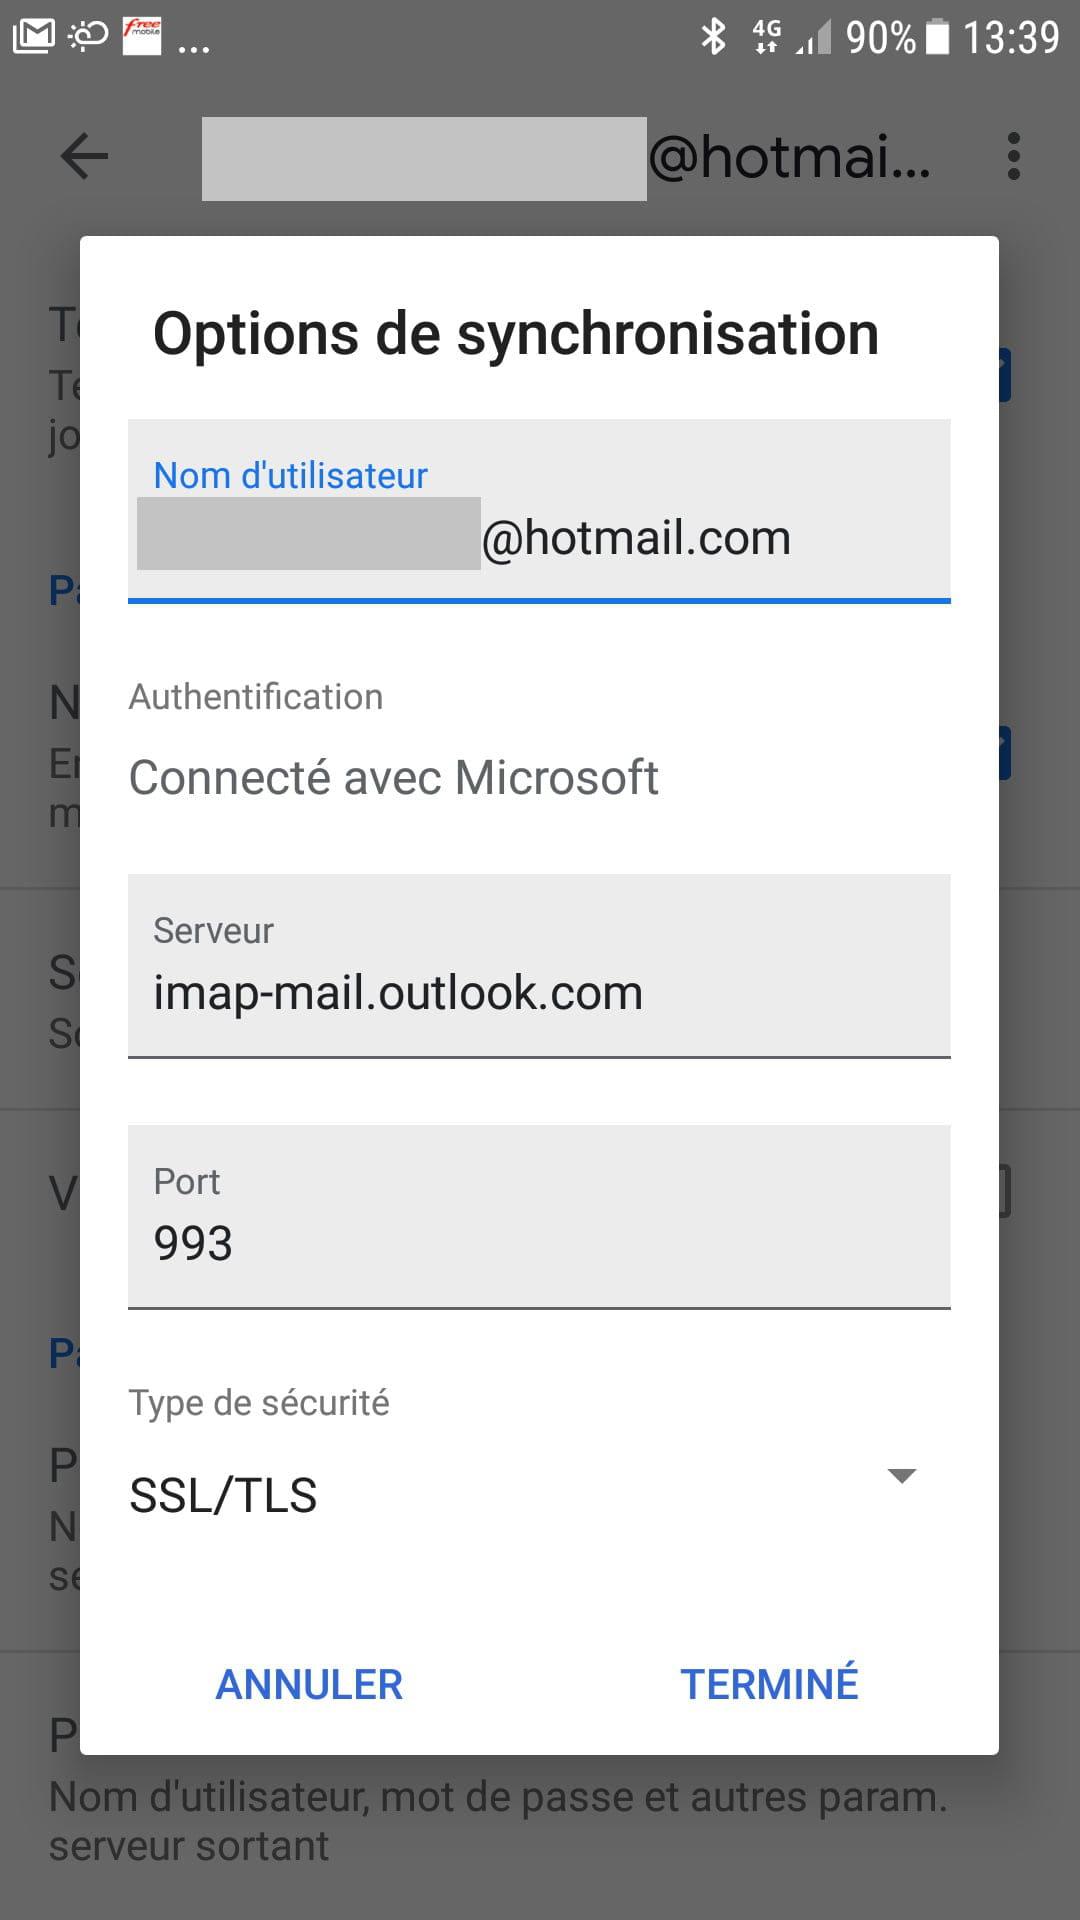 hotmail.com se connecter